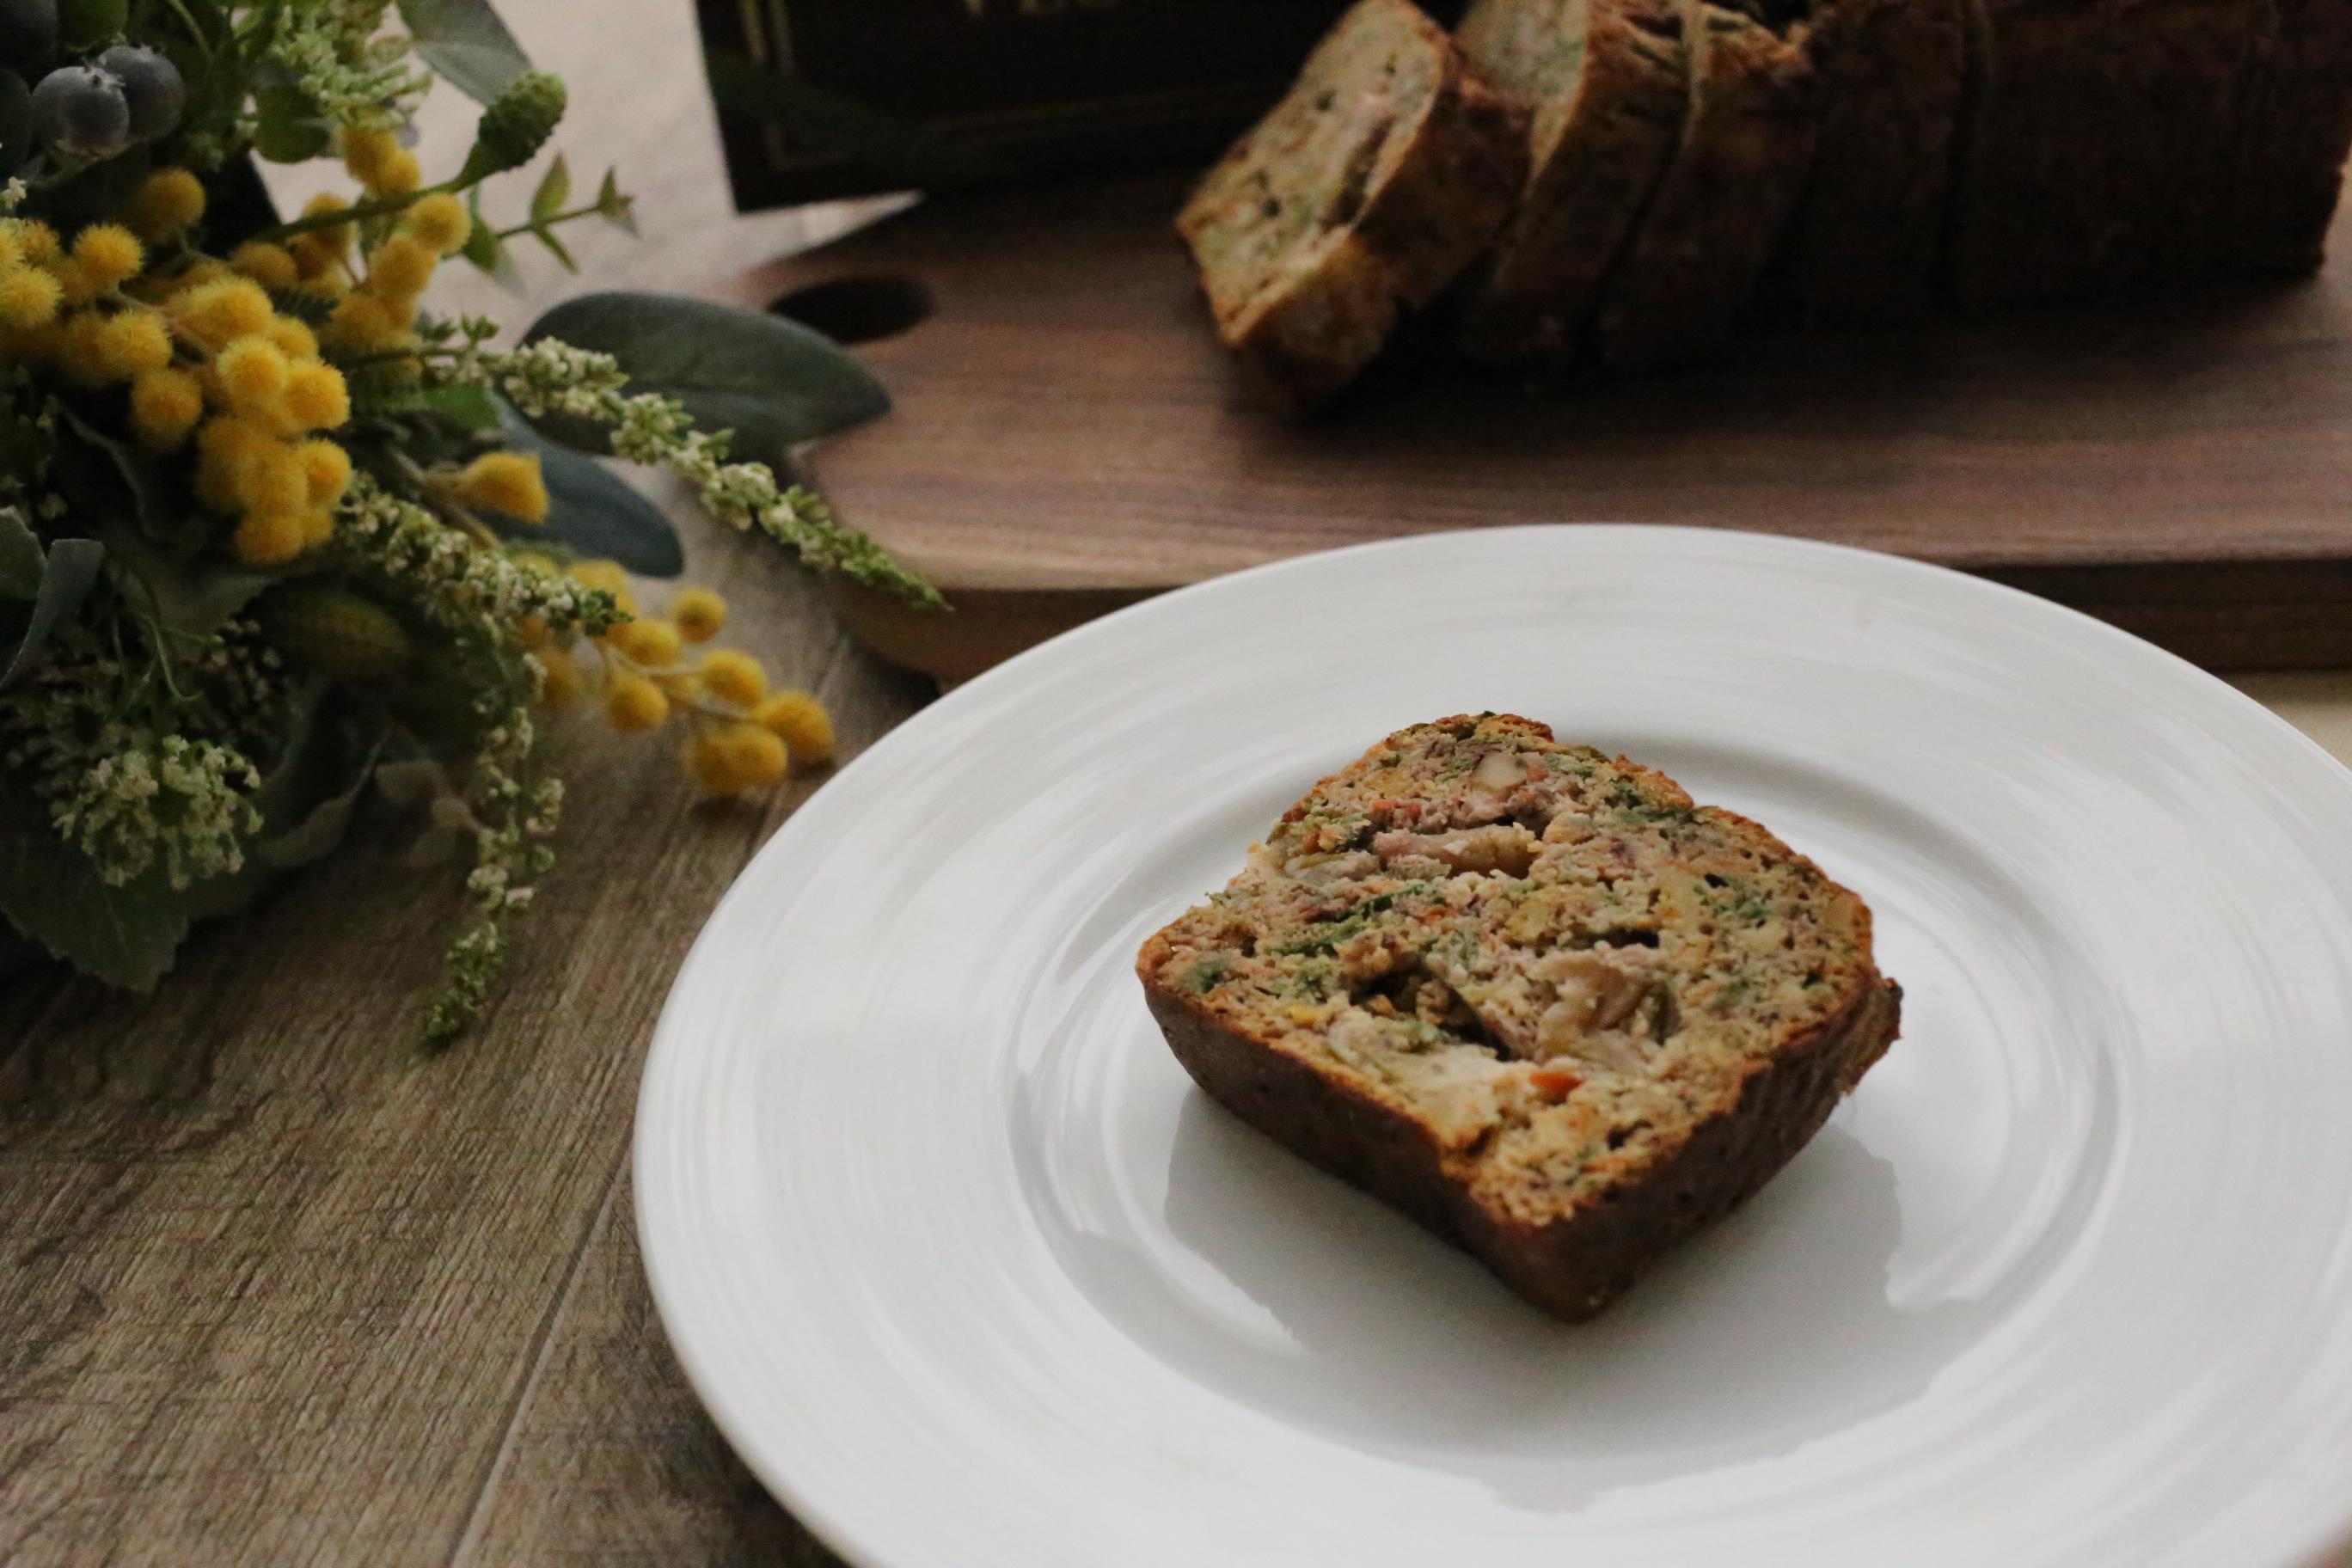 11月1便のVEGGI de PANは試しに初めてご購入される甘いものが好きな方にもおすすめです。